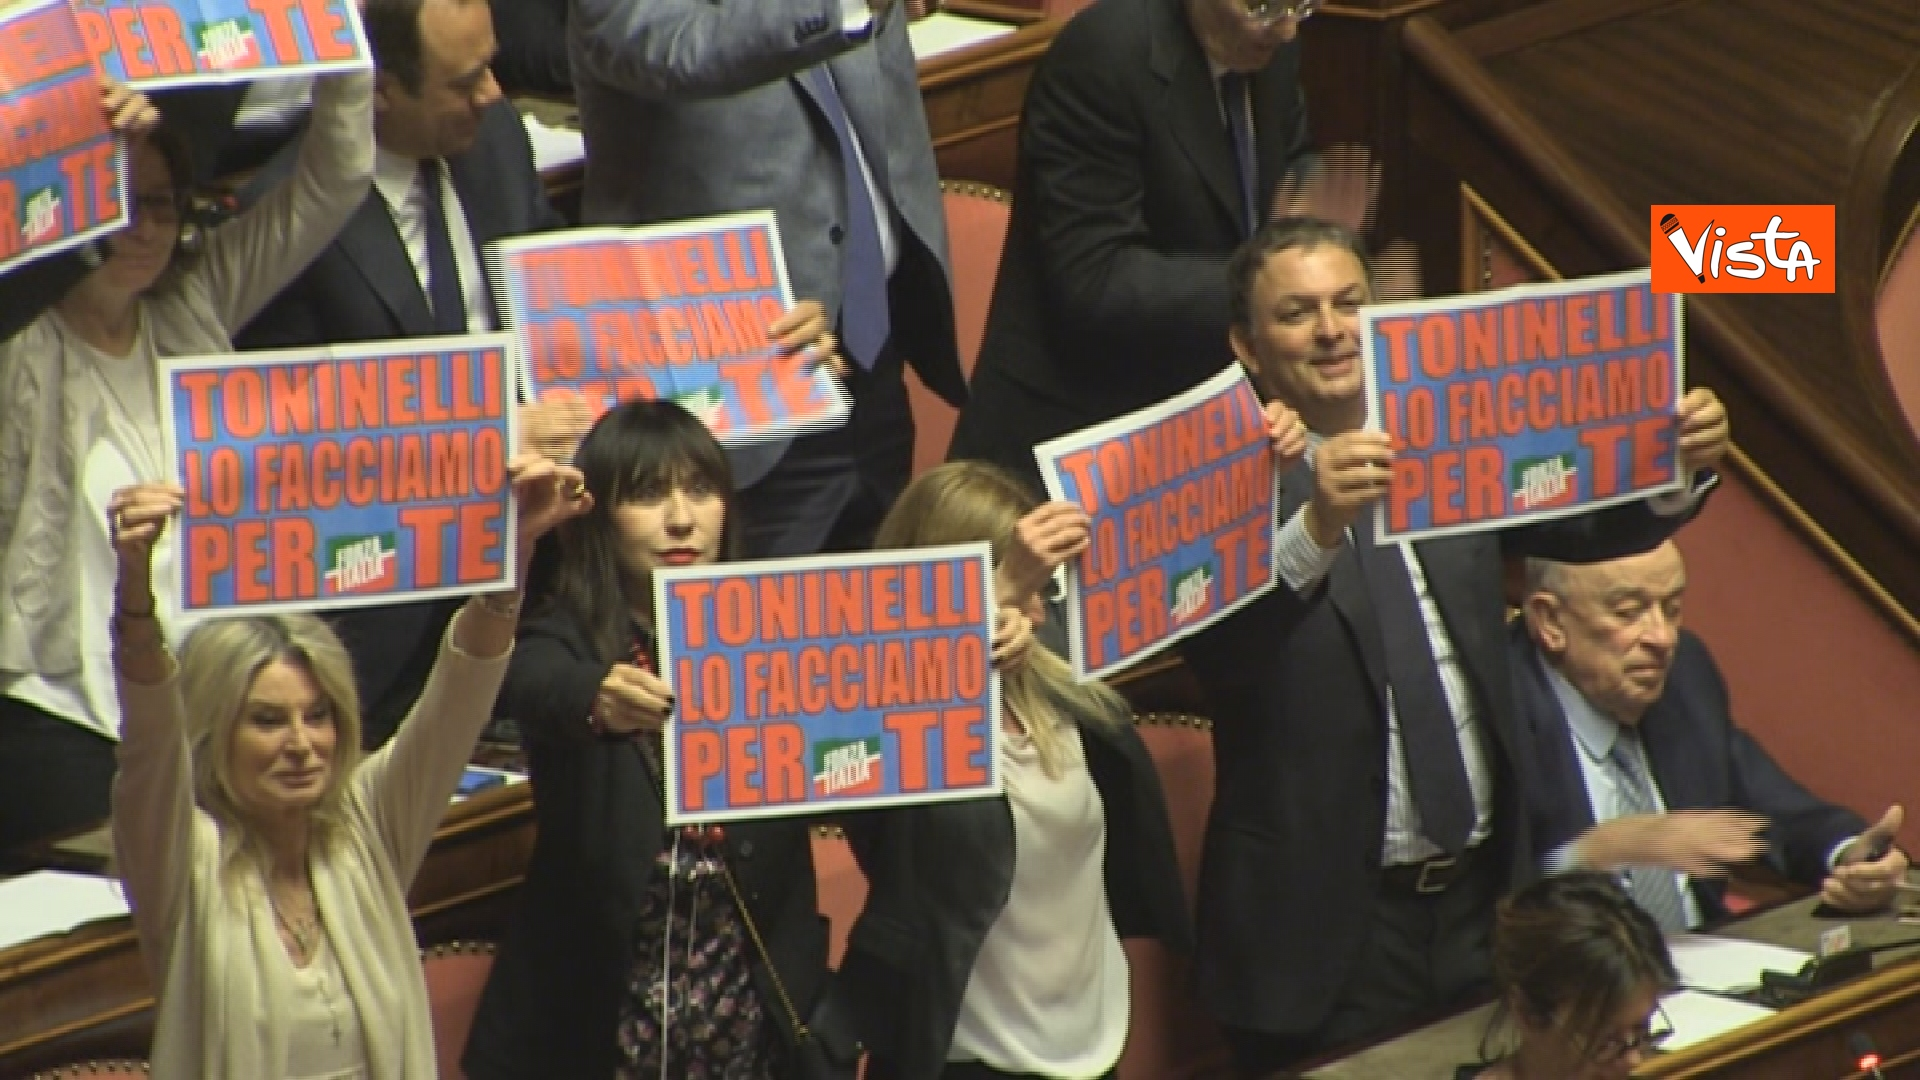 21-03-19 Mozione sfiducia per Toninelli al Senato le immagini dell Aula_la protesta di Forza Italia